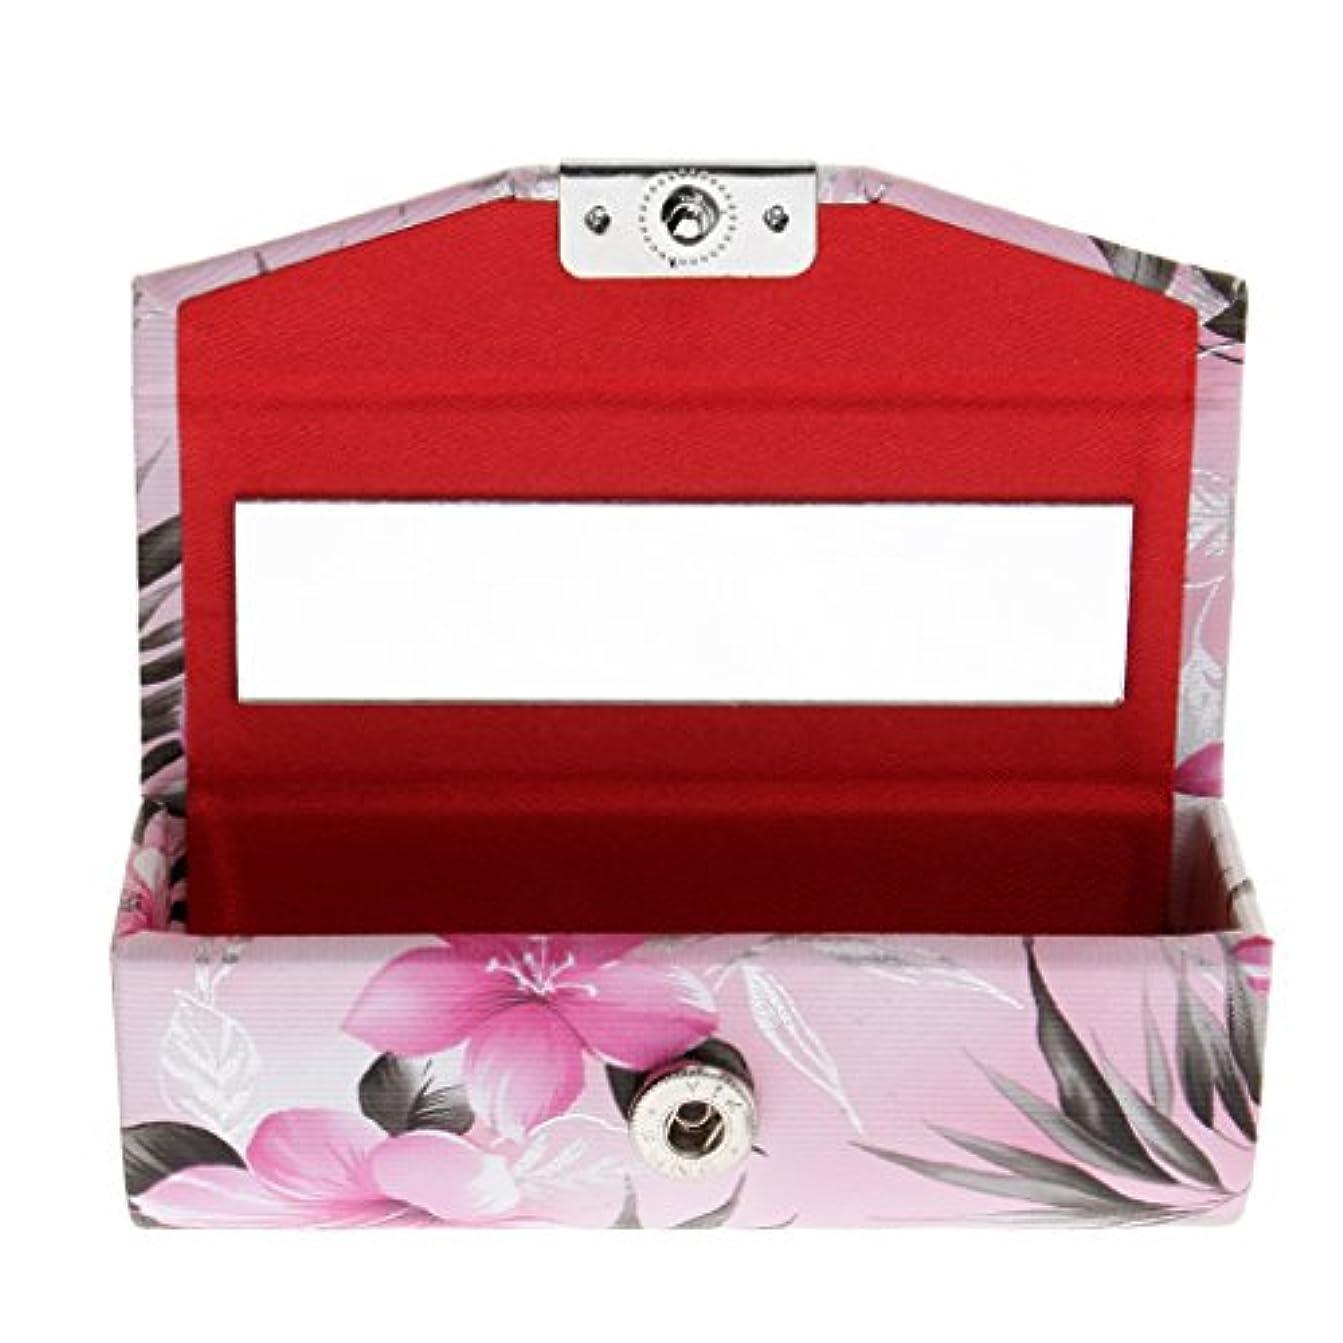 不規則性追うお母さんBaosity リップスティック 収納ケース 口紅 リップグロス 収納ボックス 化粧ポーチ メイクアップ ミラー付 硬質PVC + PUレザー+金属ボタン 4タイプ選べる - ライトピンク